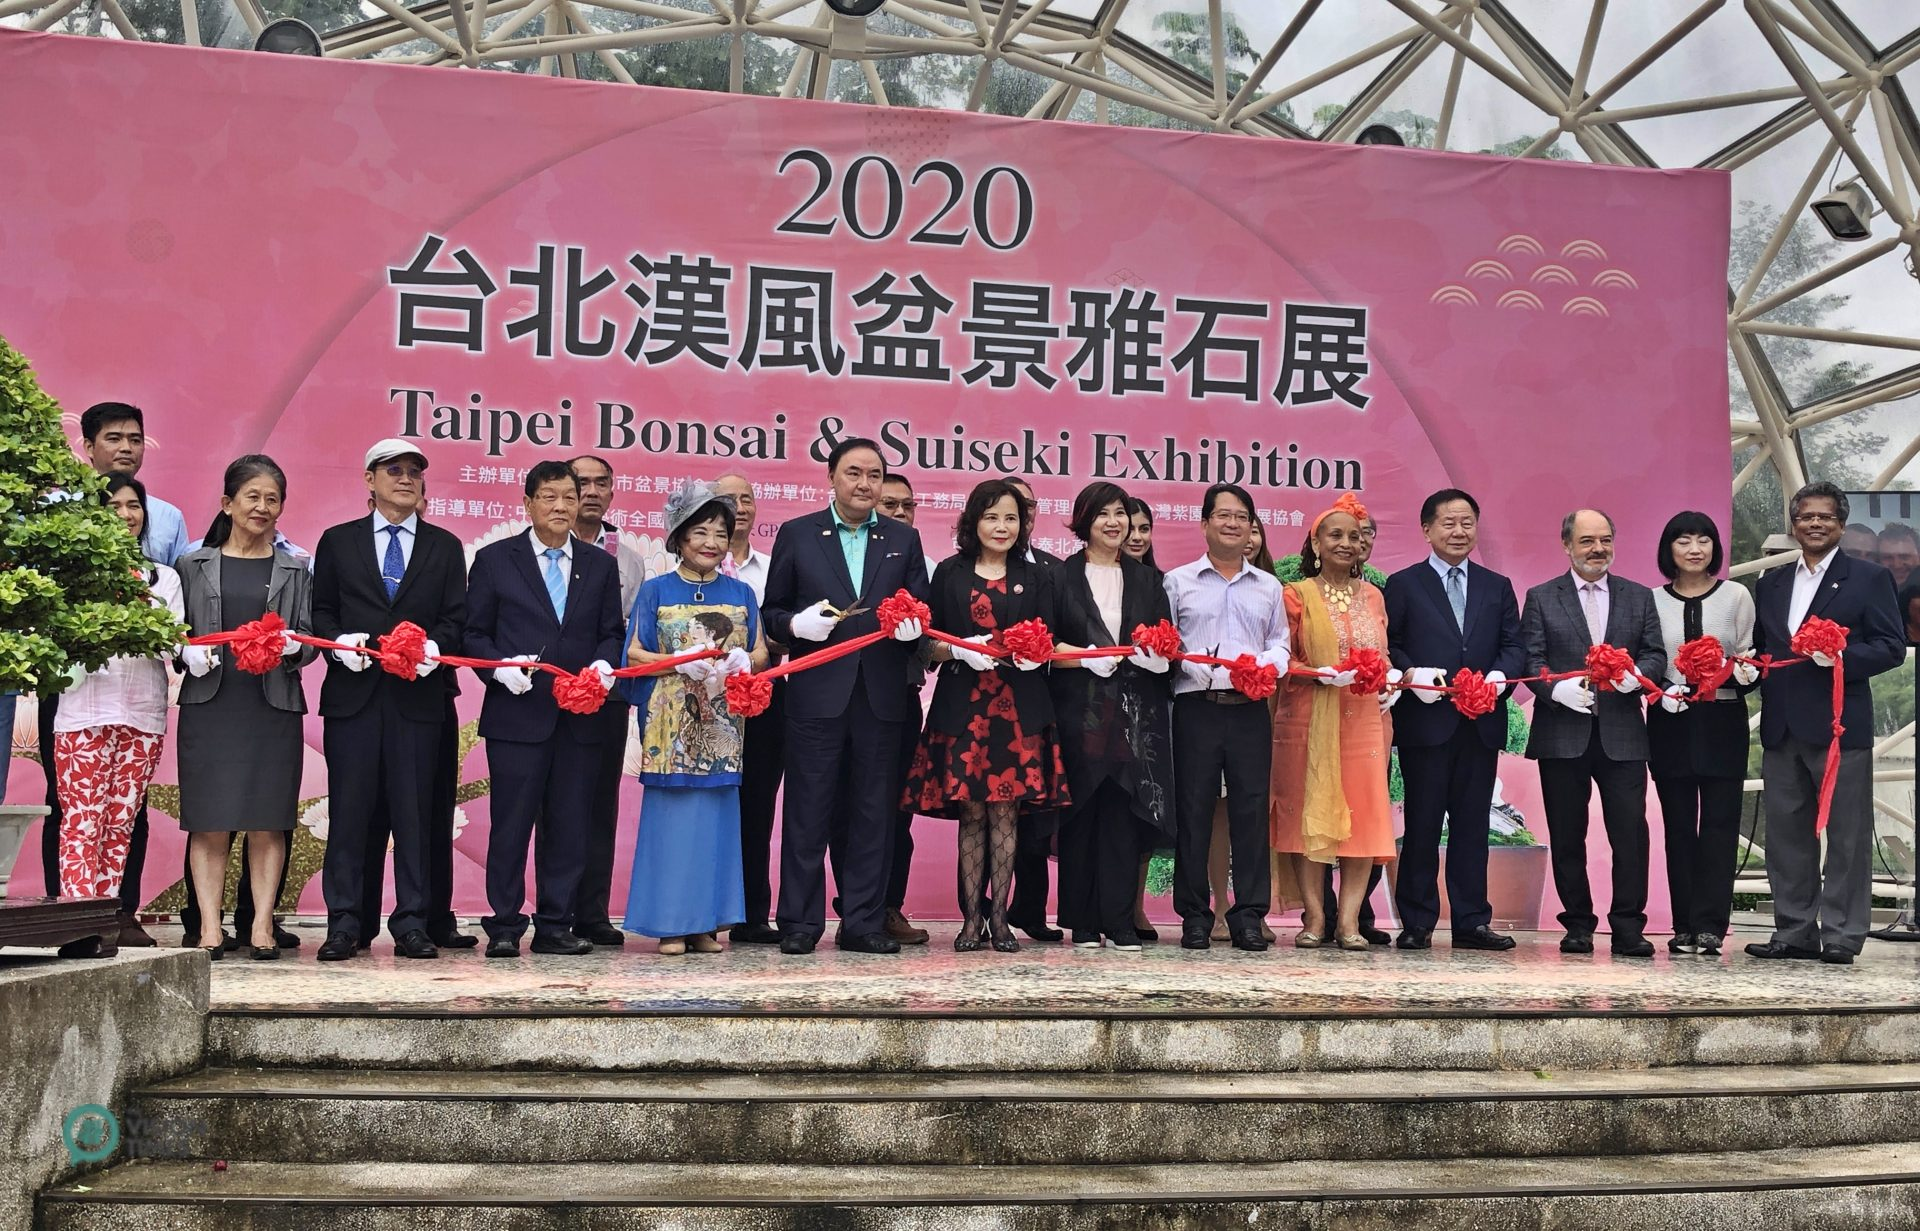 2020 Taipei Hanfeng Bonsai & Suiseki Exhibition